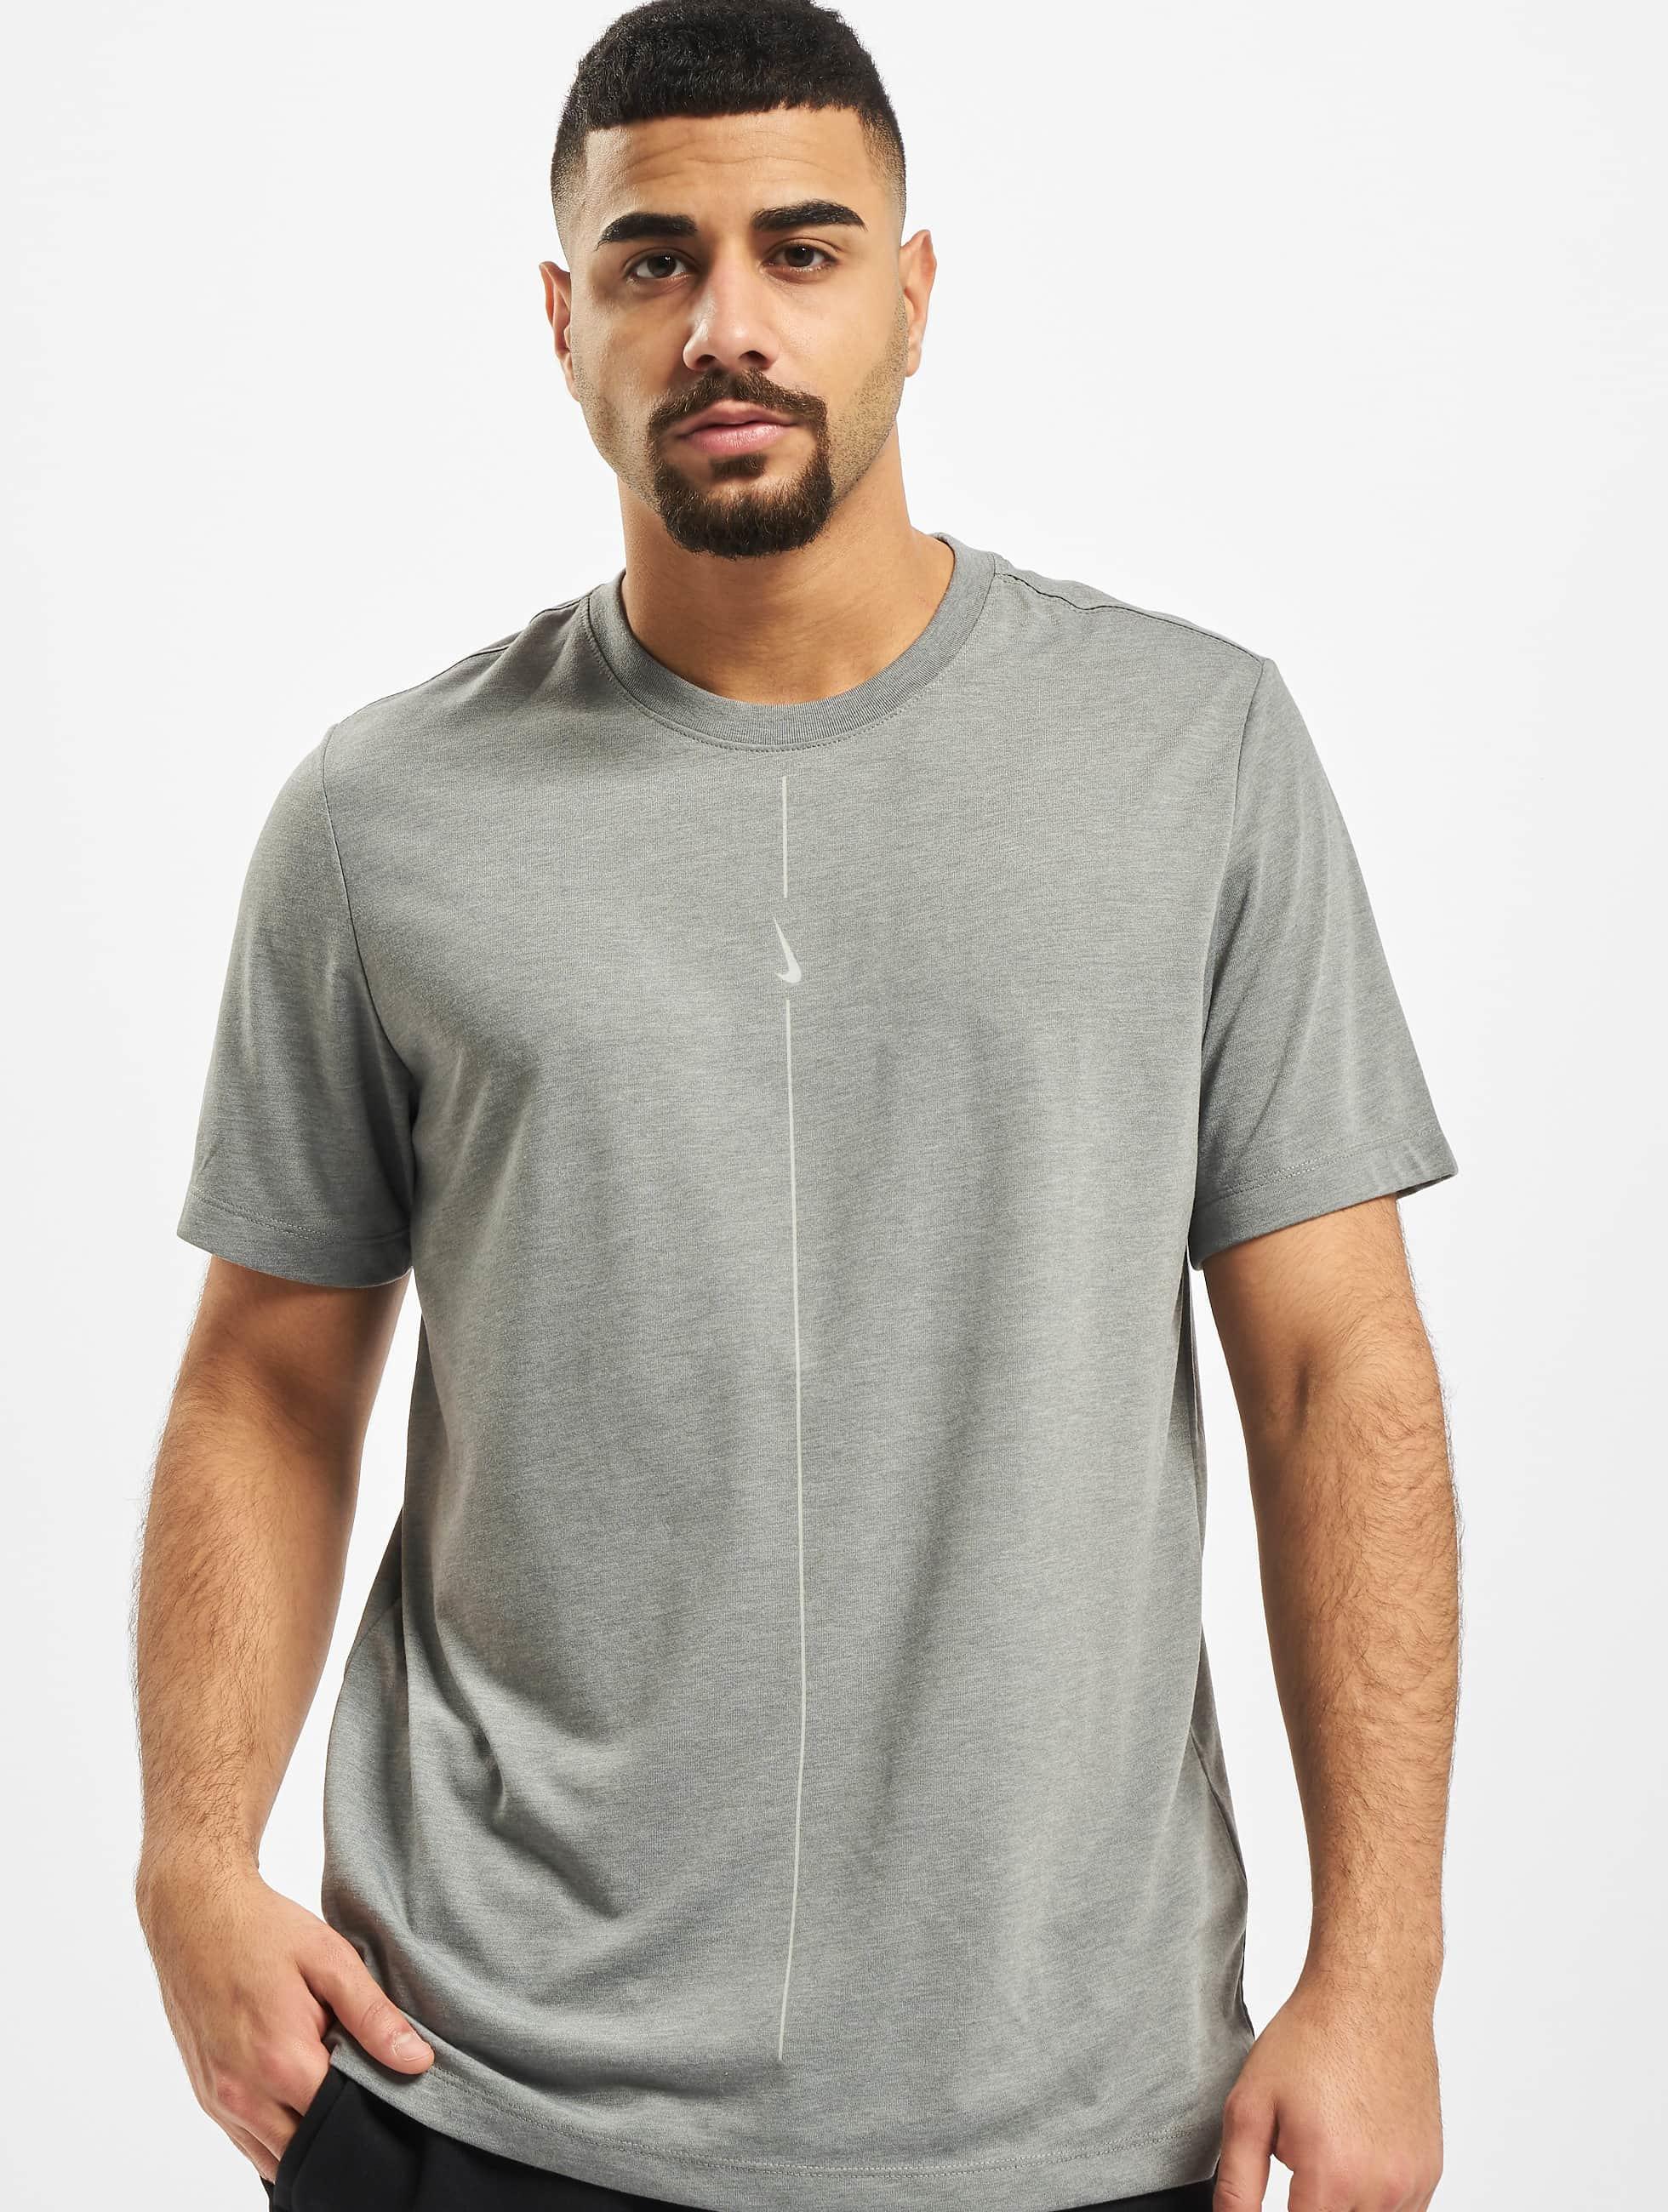 Nike Dry DB Yoga T Shirt Iron GreyLt Smoke Grey